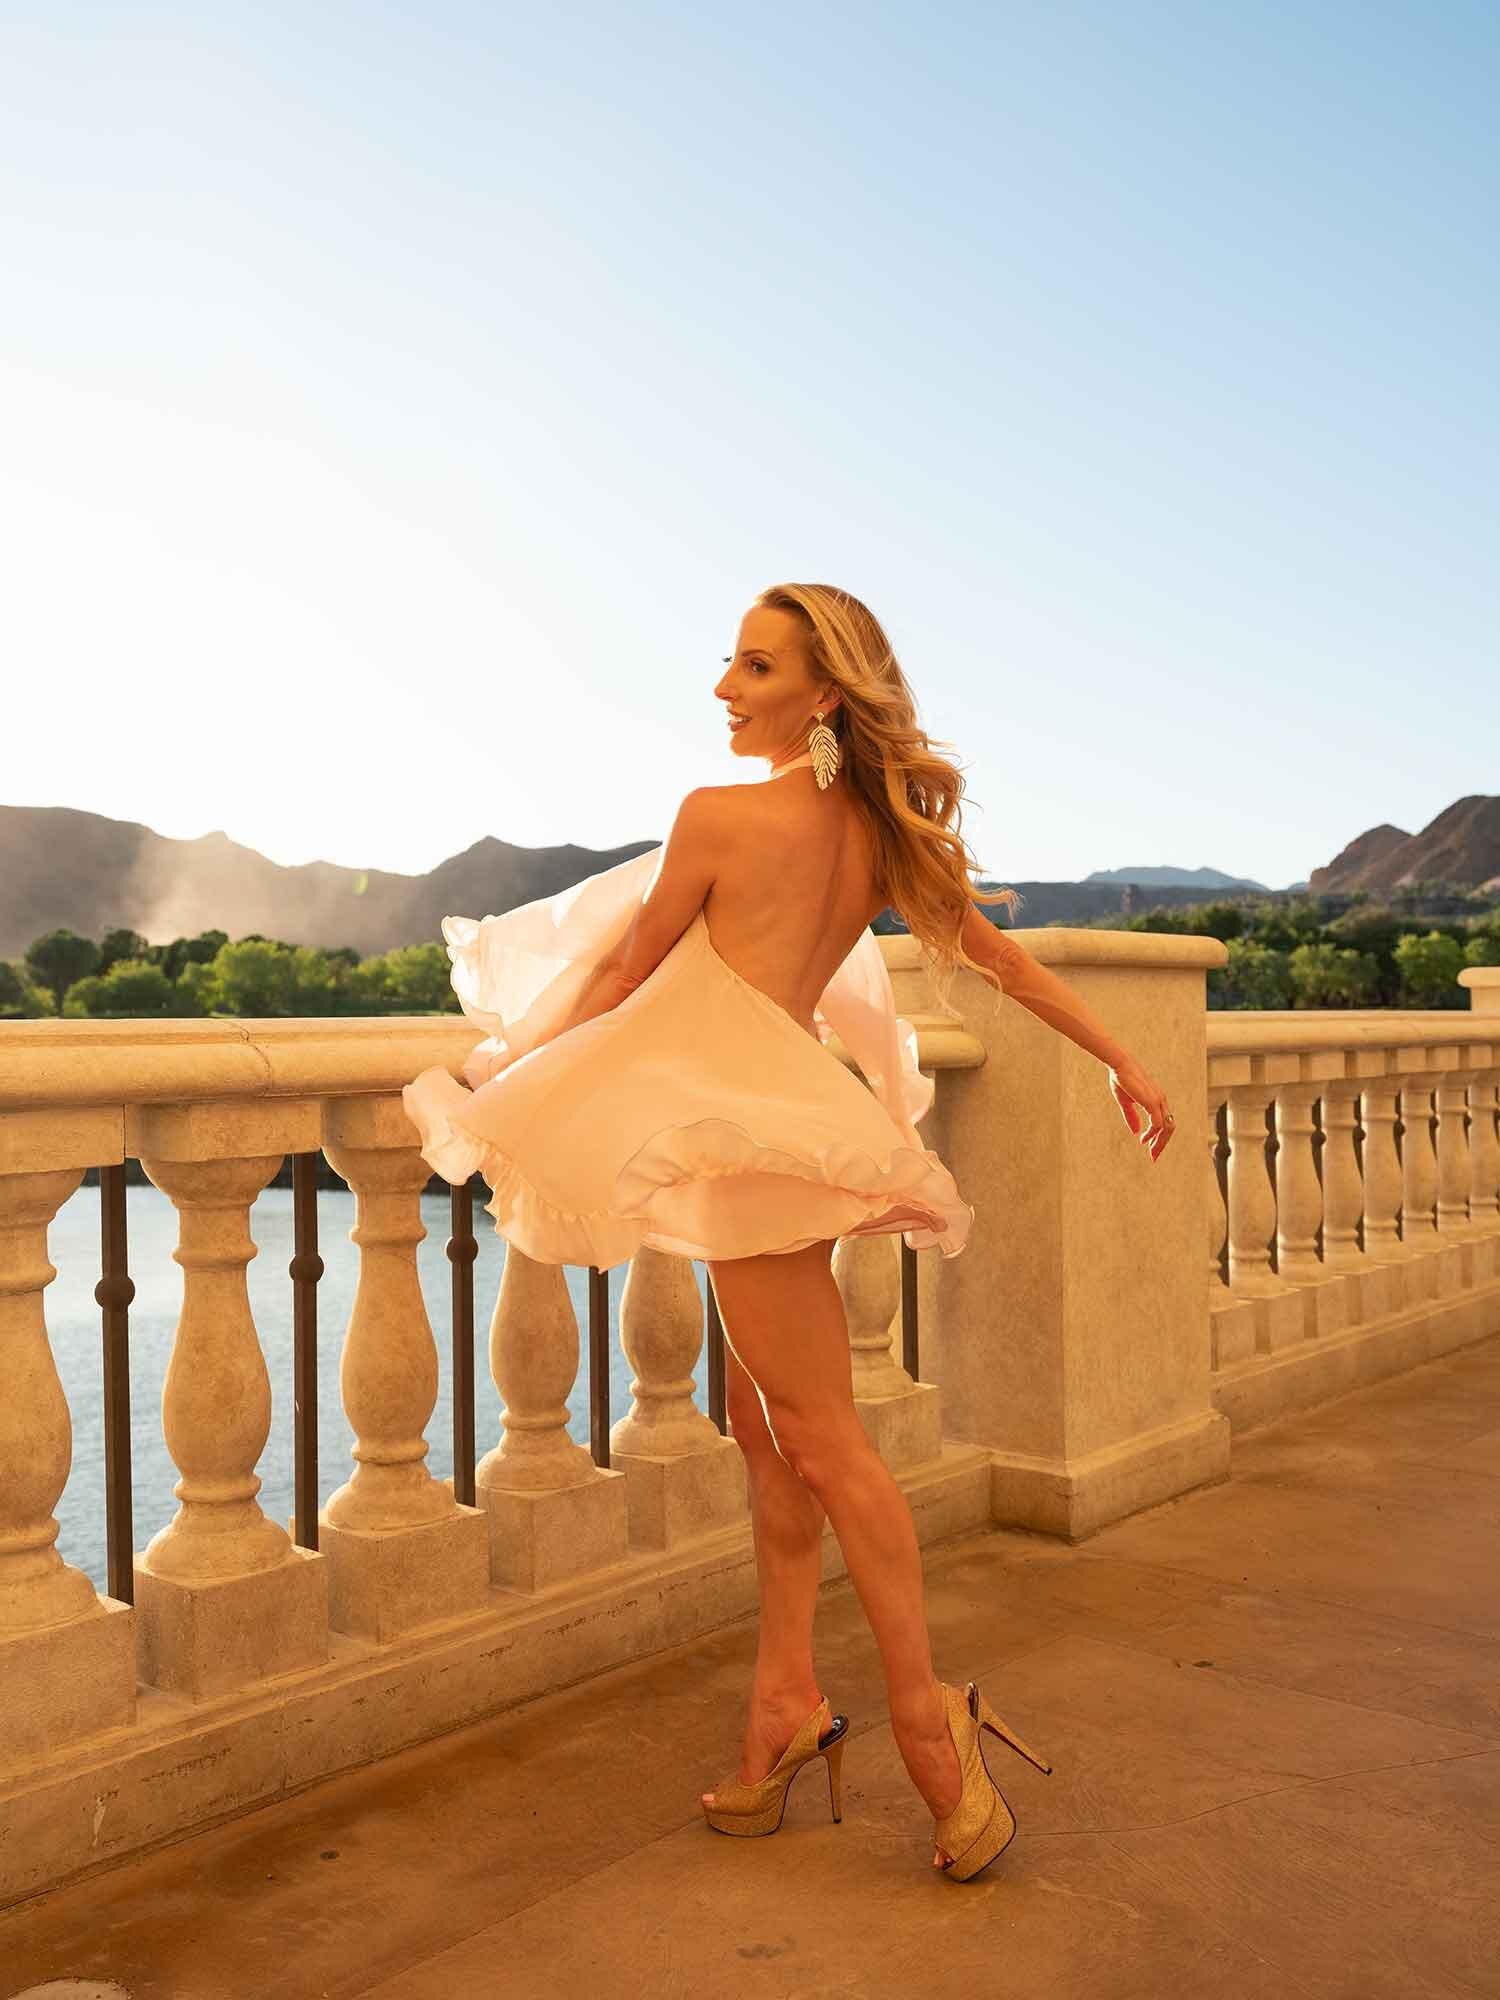 Fitness model Eve Dawes dancing spring 2020 sunset